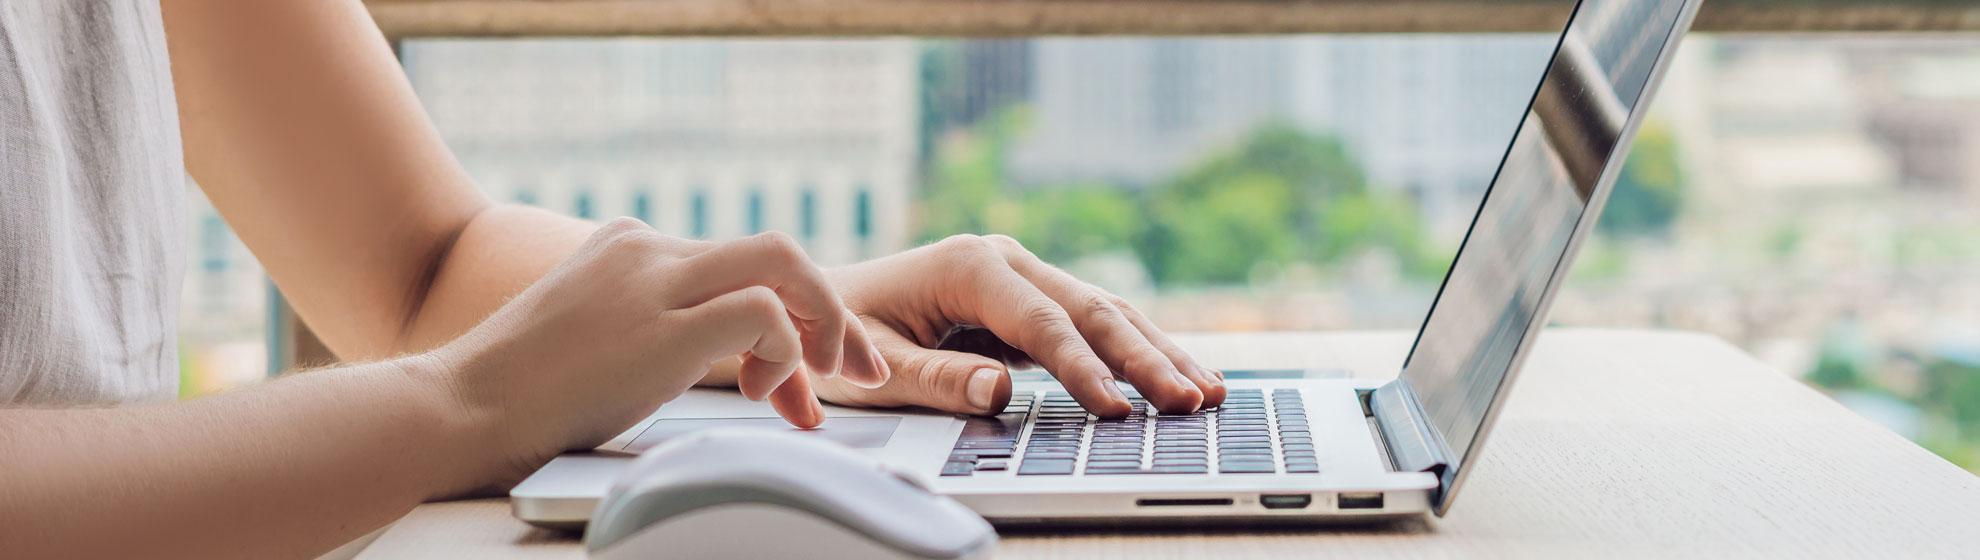 PowerPoint lernen online kostenlos